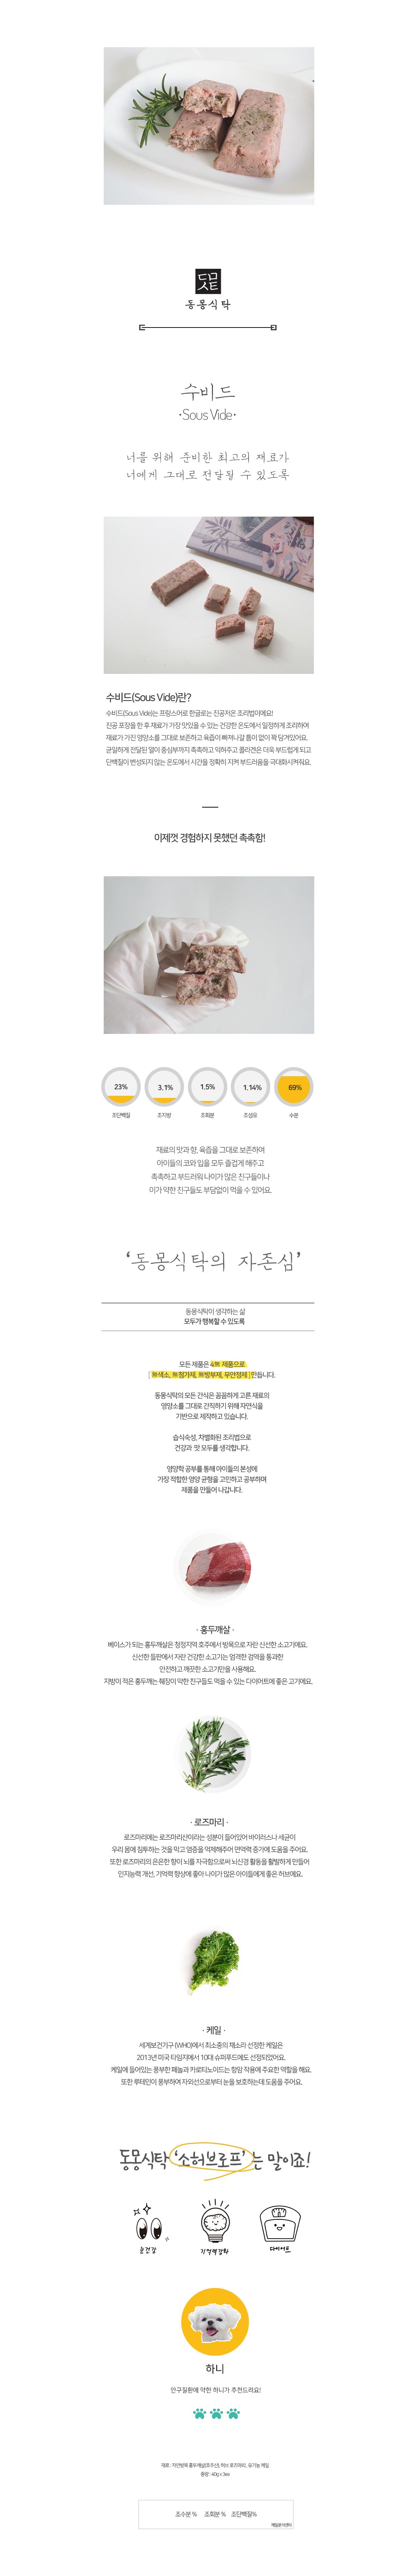 강아지 수제간식 소 허브로프 3p,120g - 동몽식탁, 6,500원, 간식/영양제, 수제간식